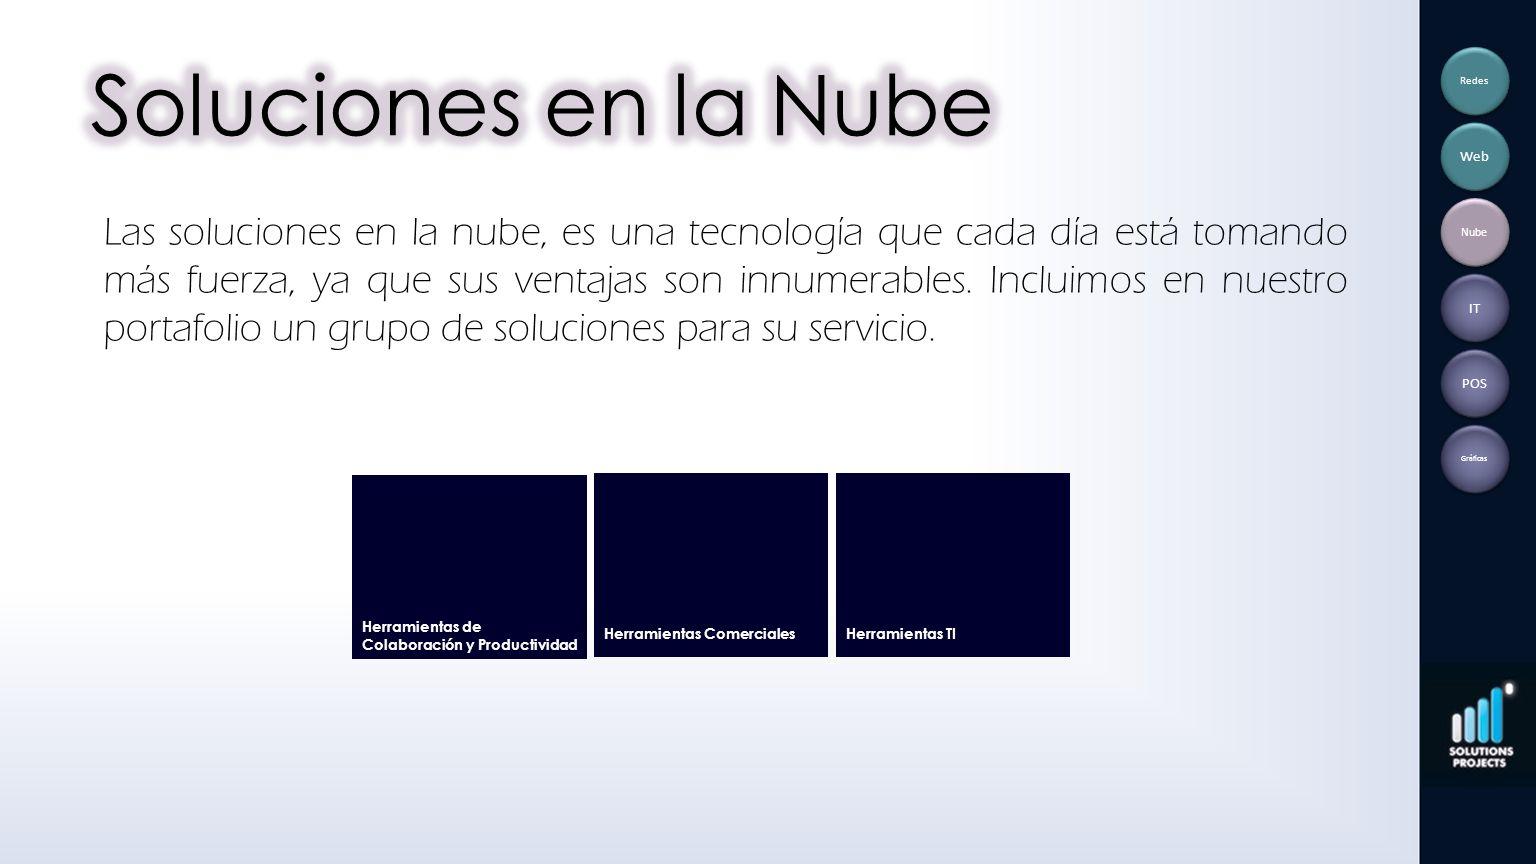 Soluciones en la Nube Redes. Web.